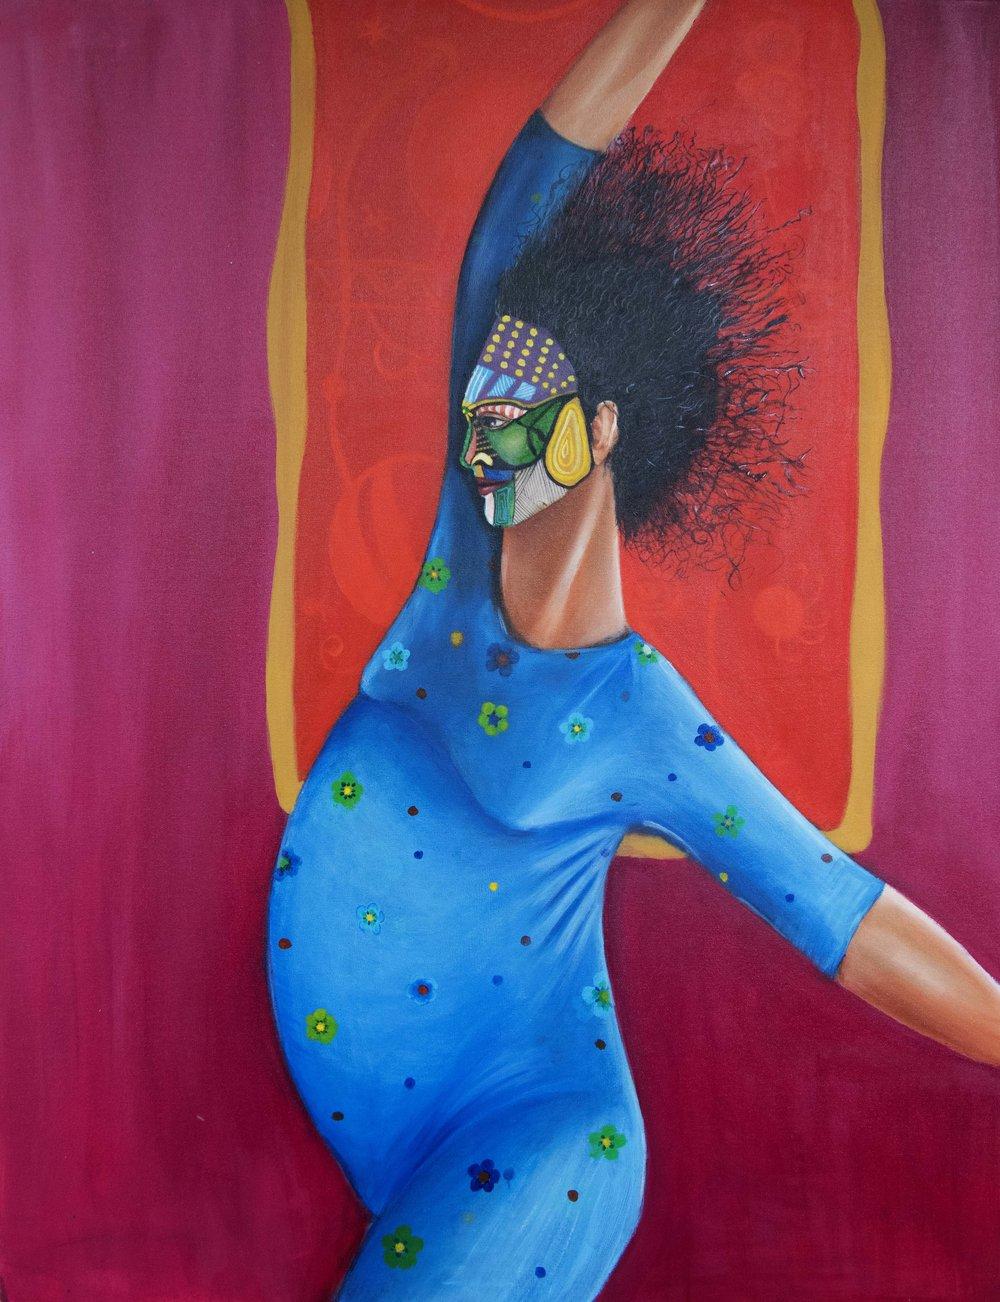 """BALANCE 2015   Acrylic on canvas  36"""" x 49"""